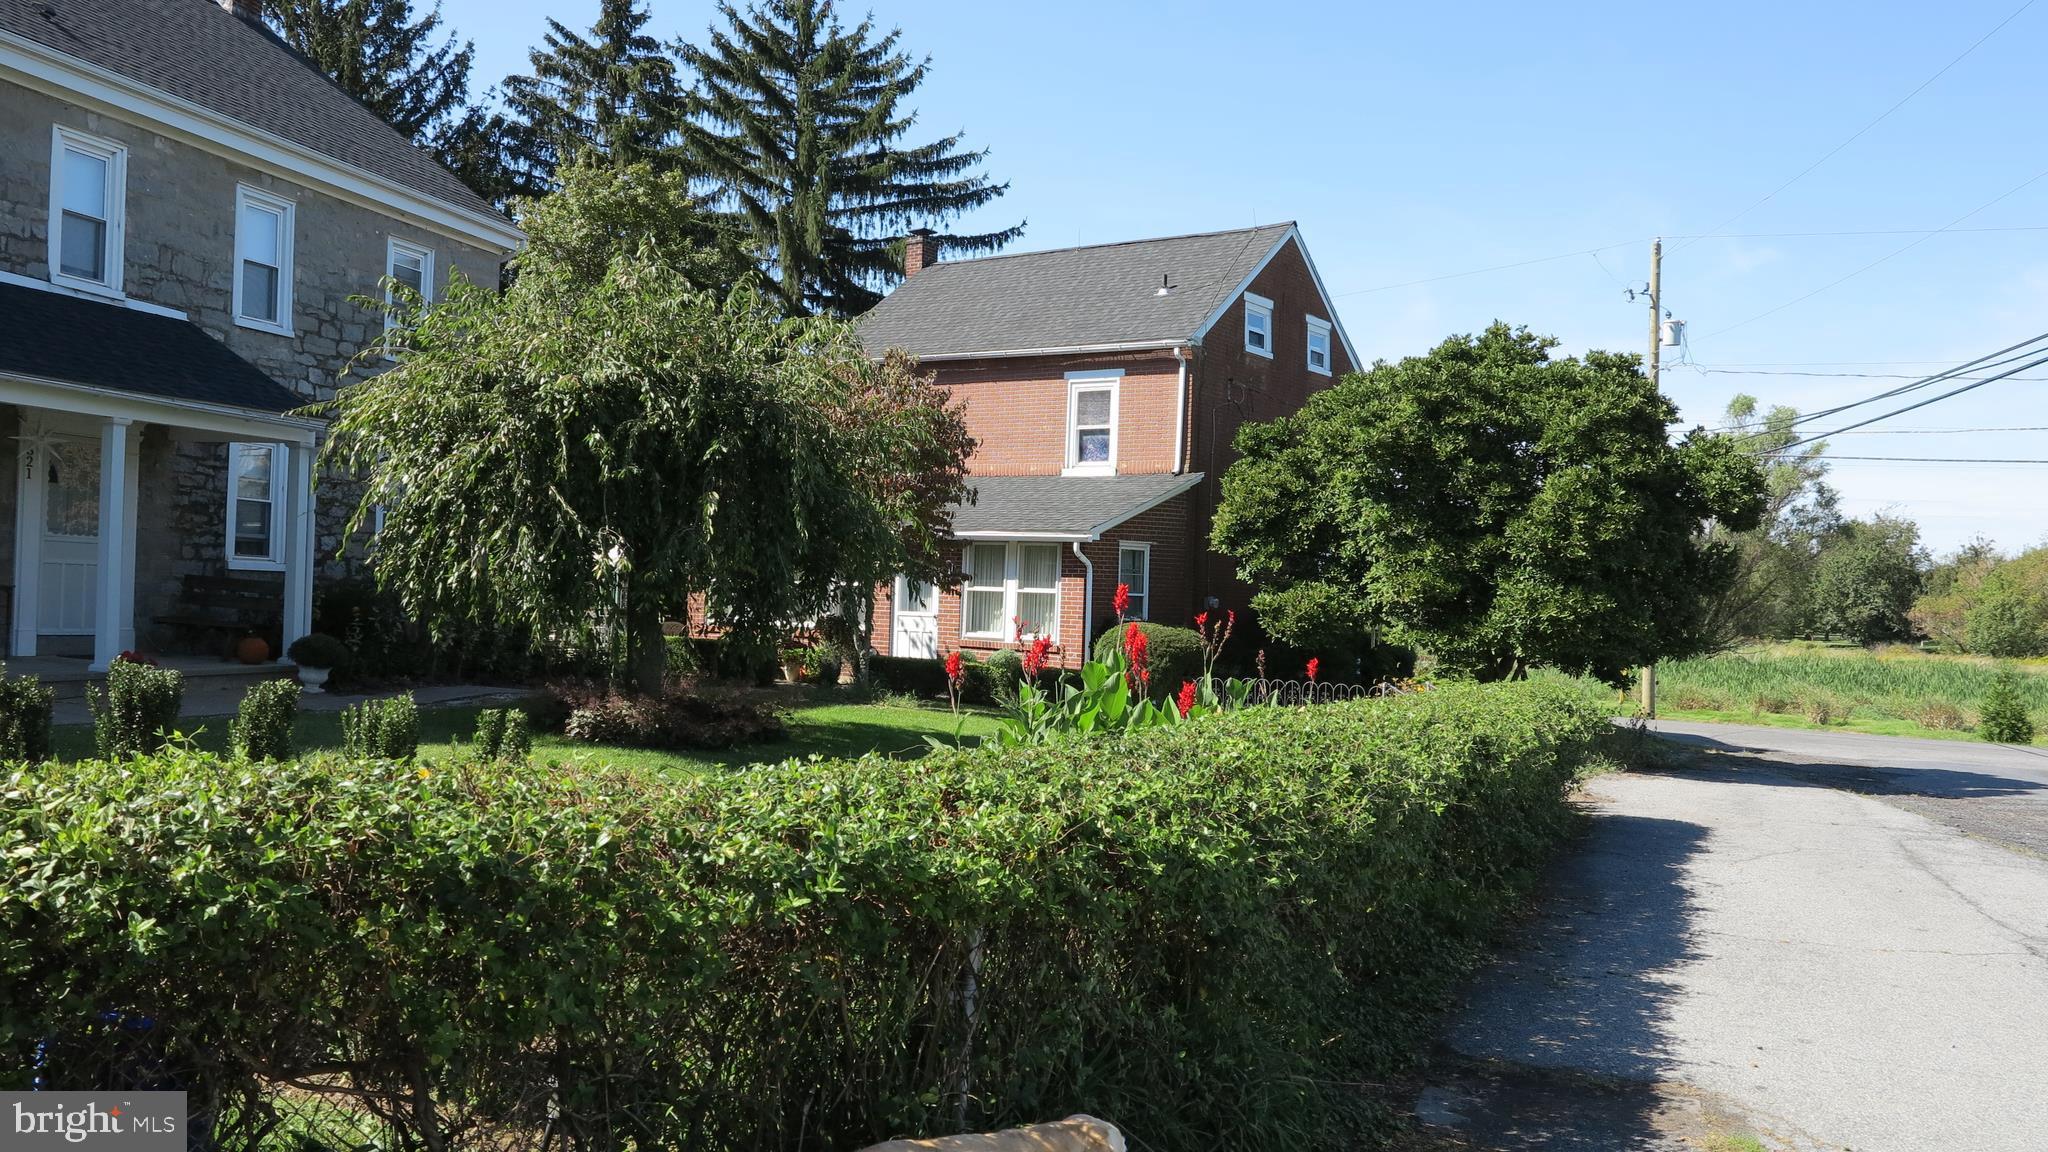 319-321 Keystone Dr 4885 Steuben Rd, Nazareth, PA 18064